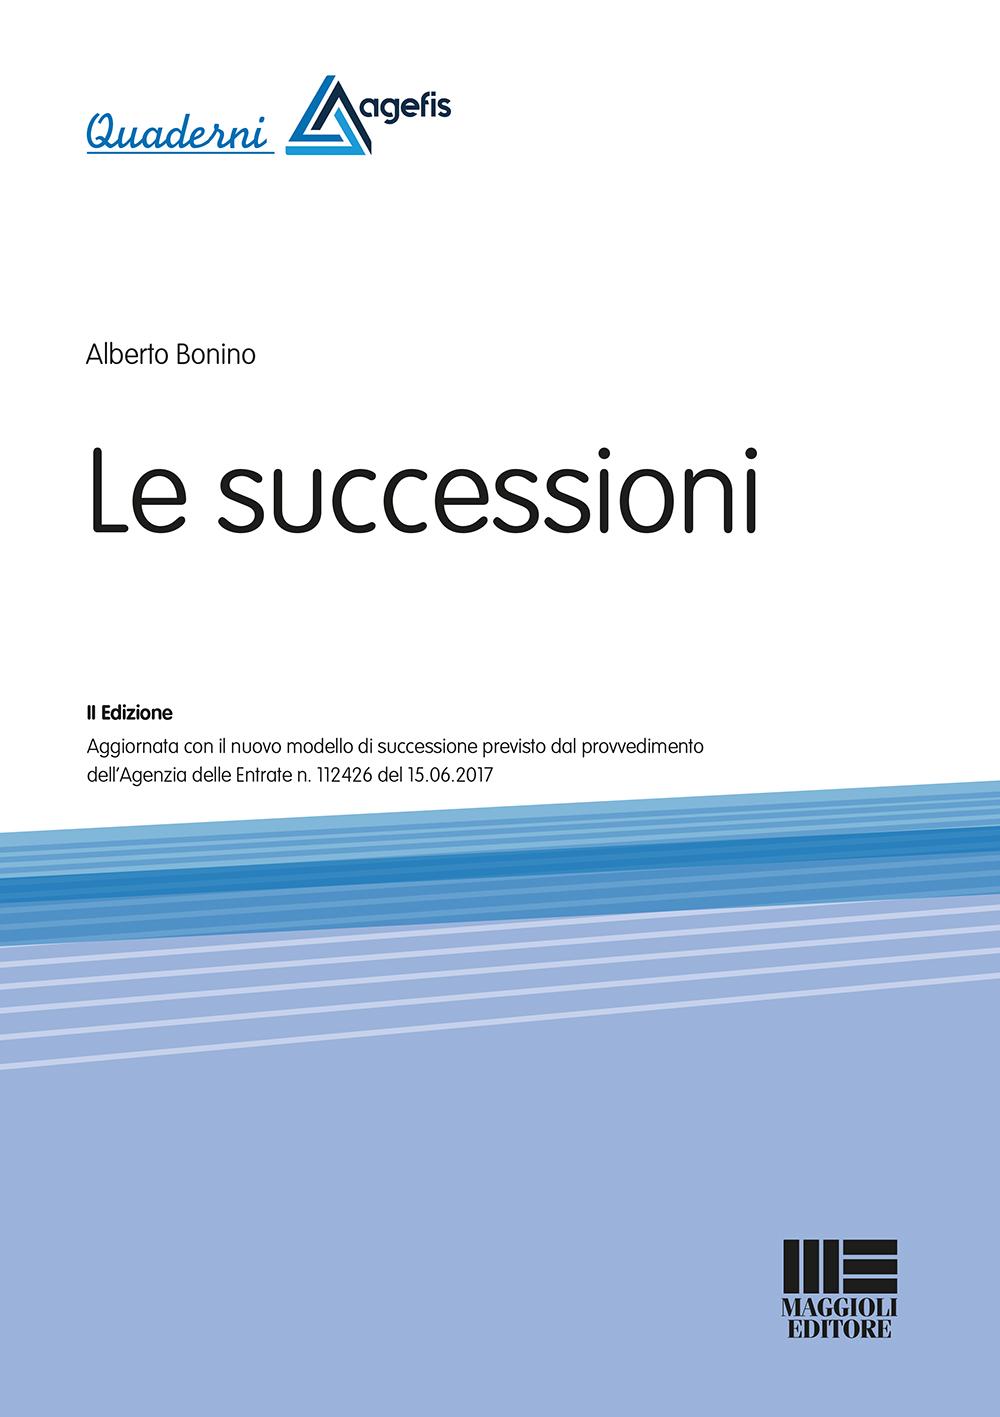 Le successioni - Libro di Carta